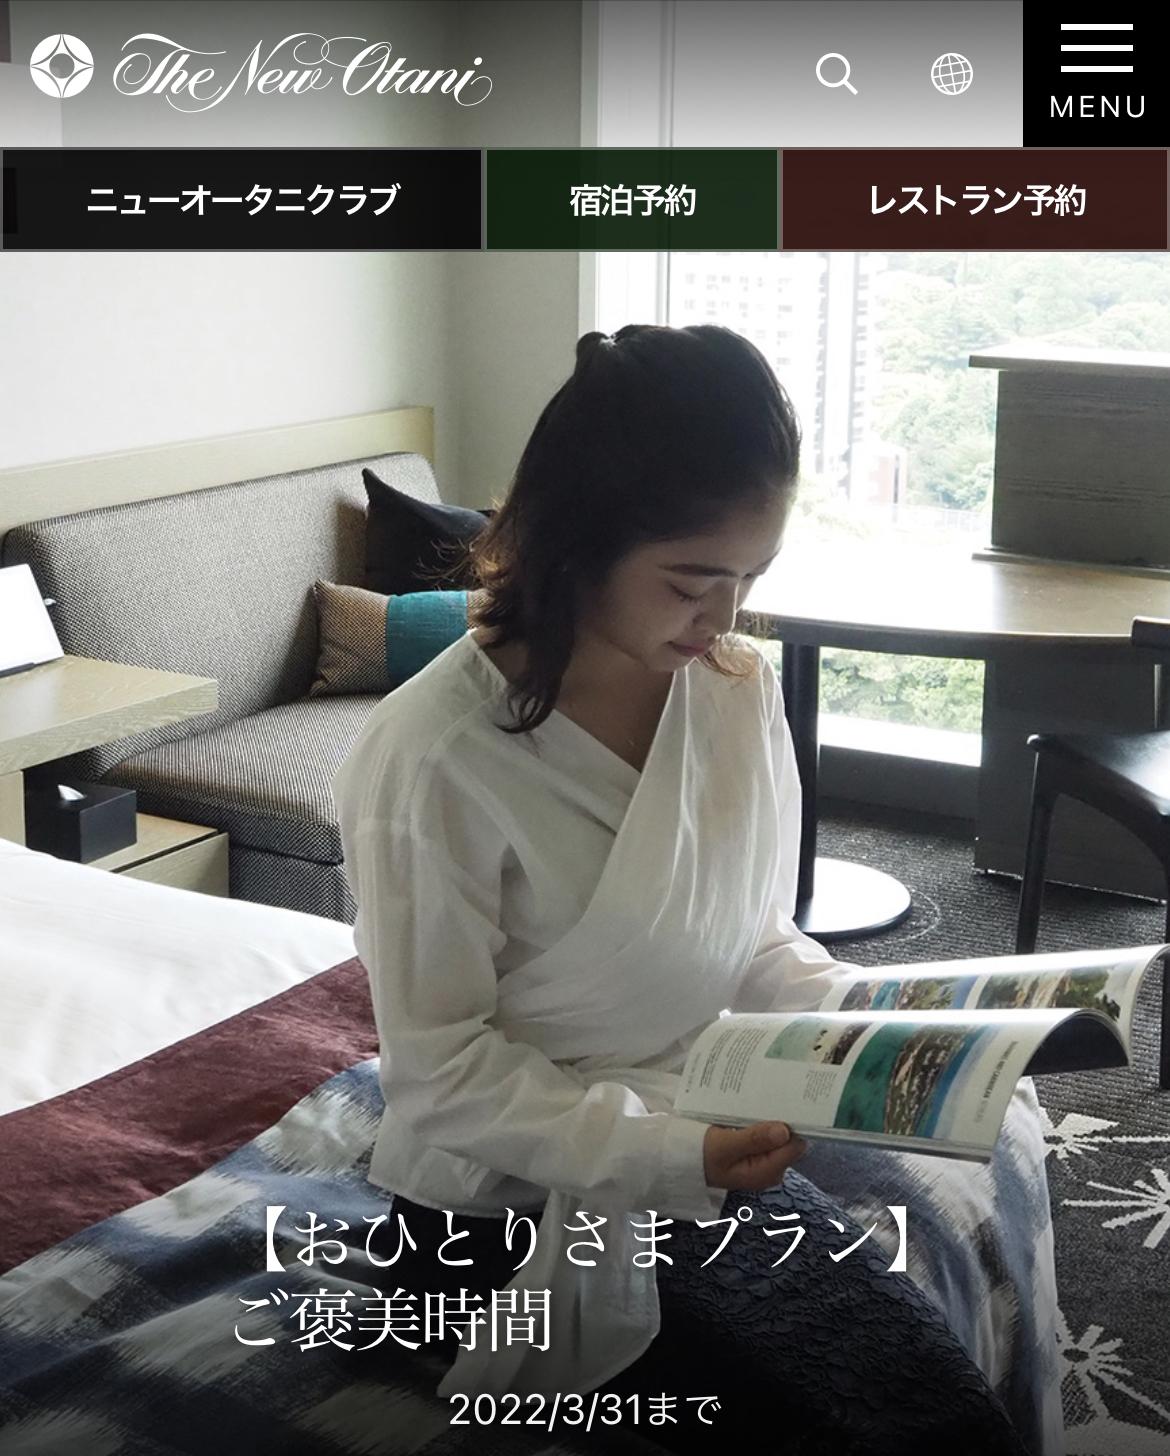 コロナ 新ビジネス 新規事業 ホテル ニューオータニ おひとりさま 女子旅